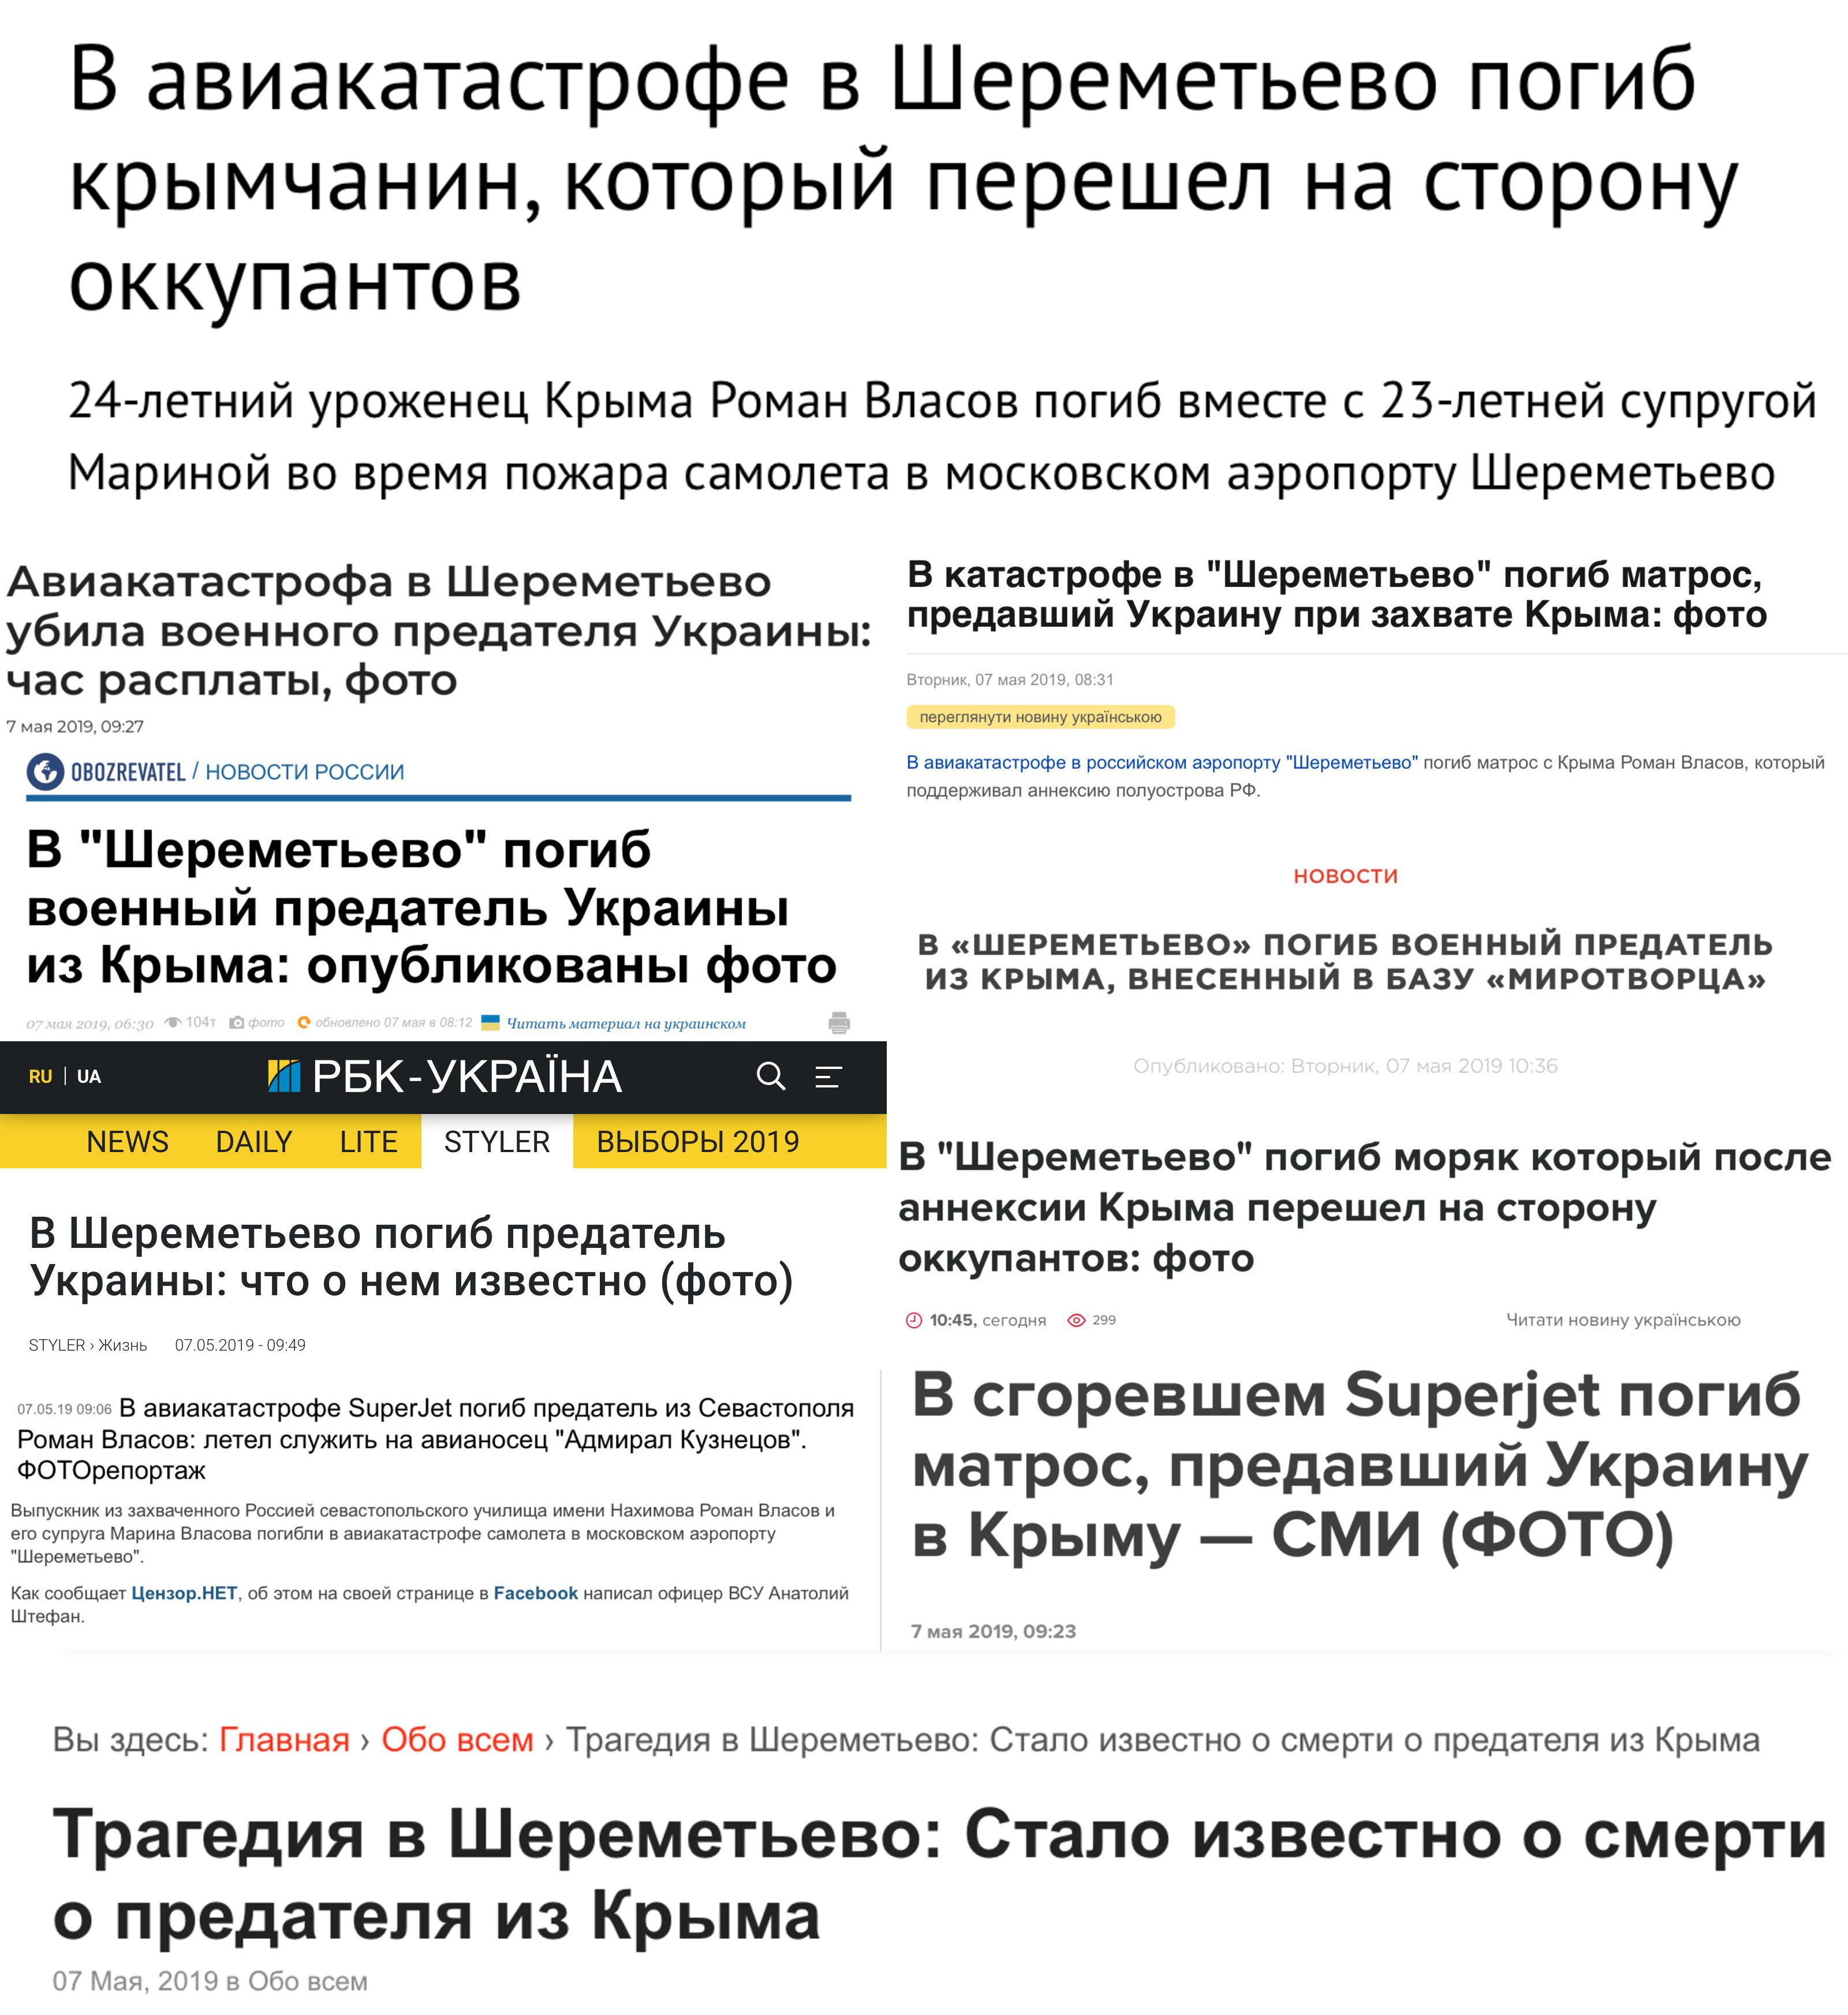 Юлия Витязева: Галицкий нацизм. Месть за Крым